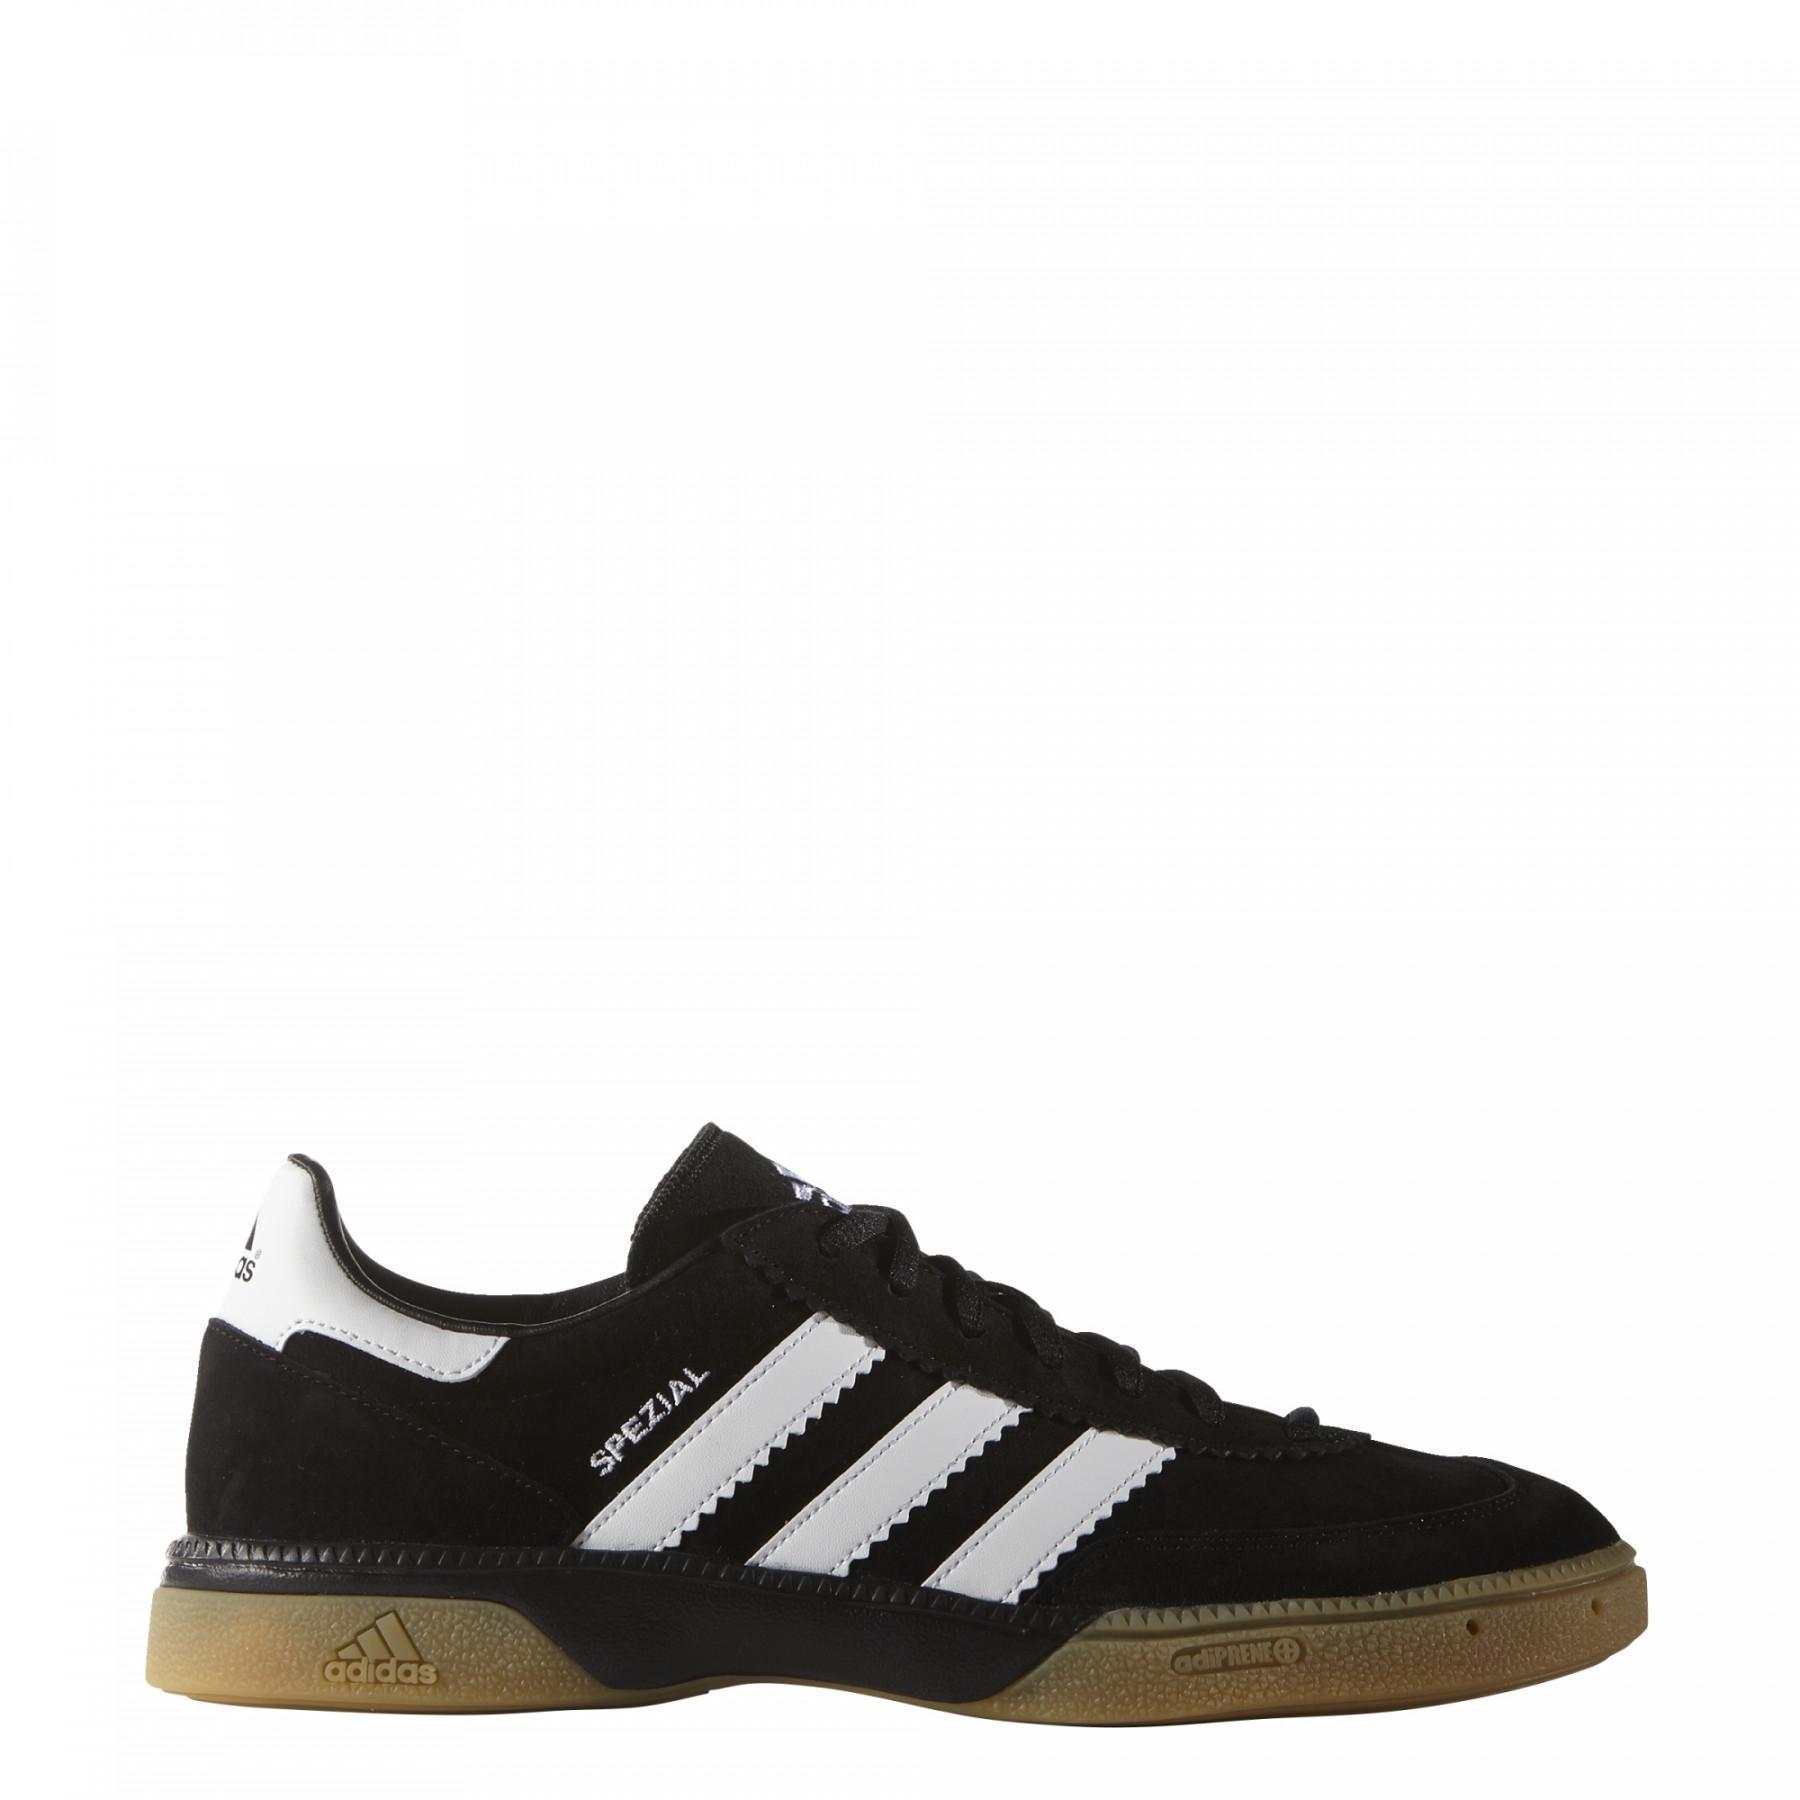 Adidas HB Spezial Black Shoes